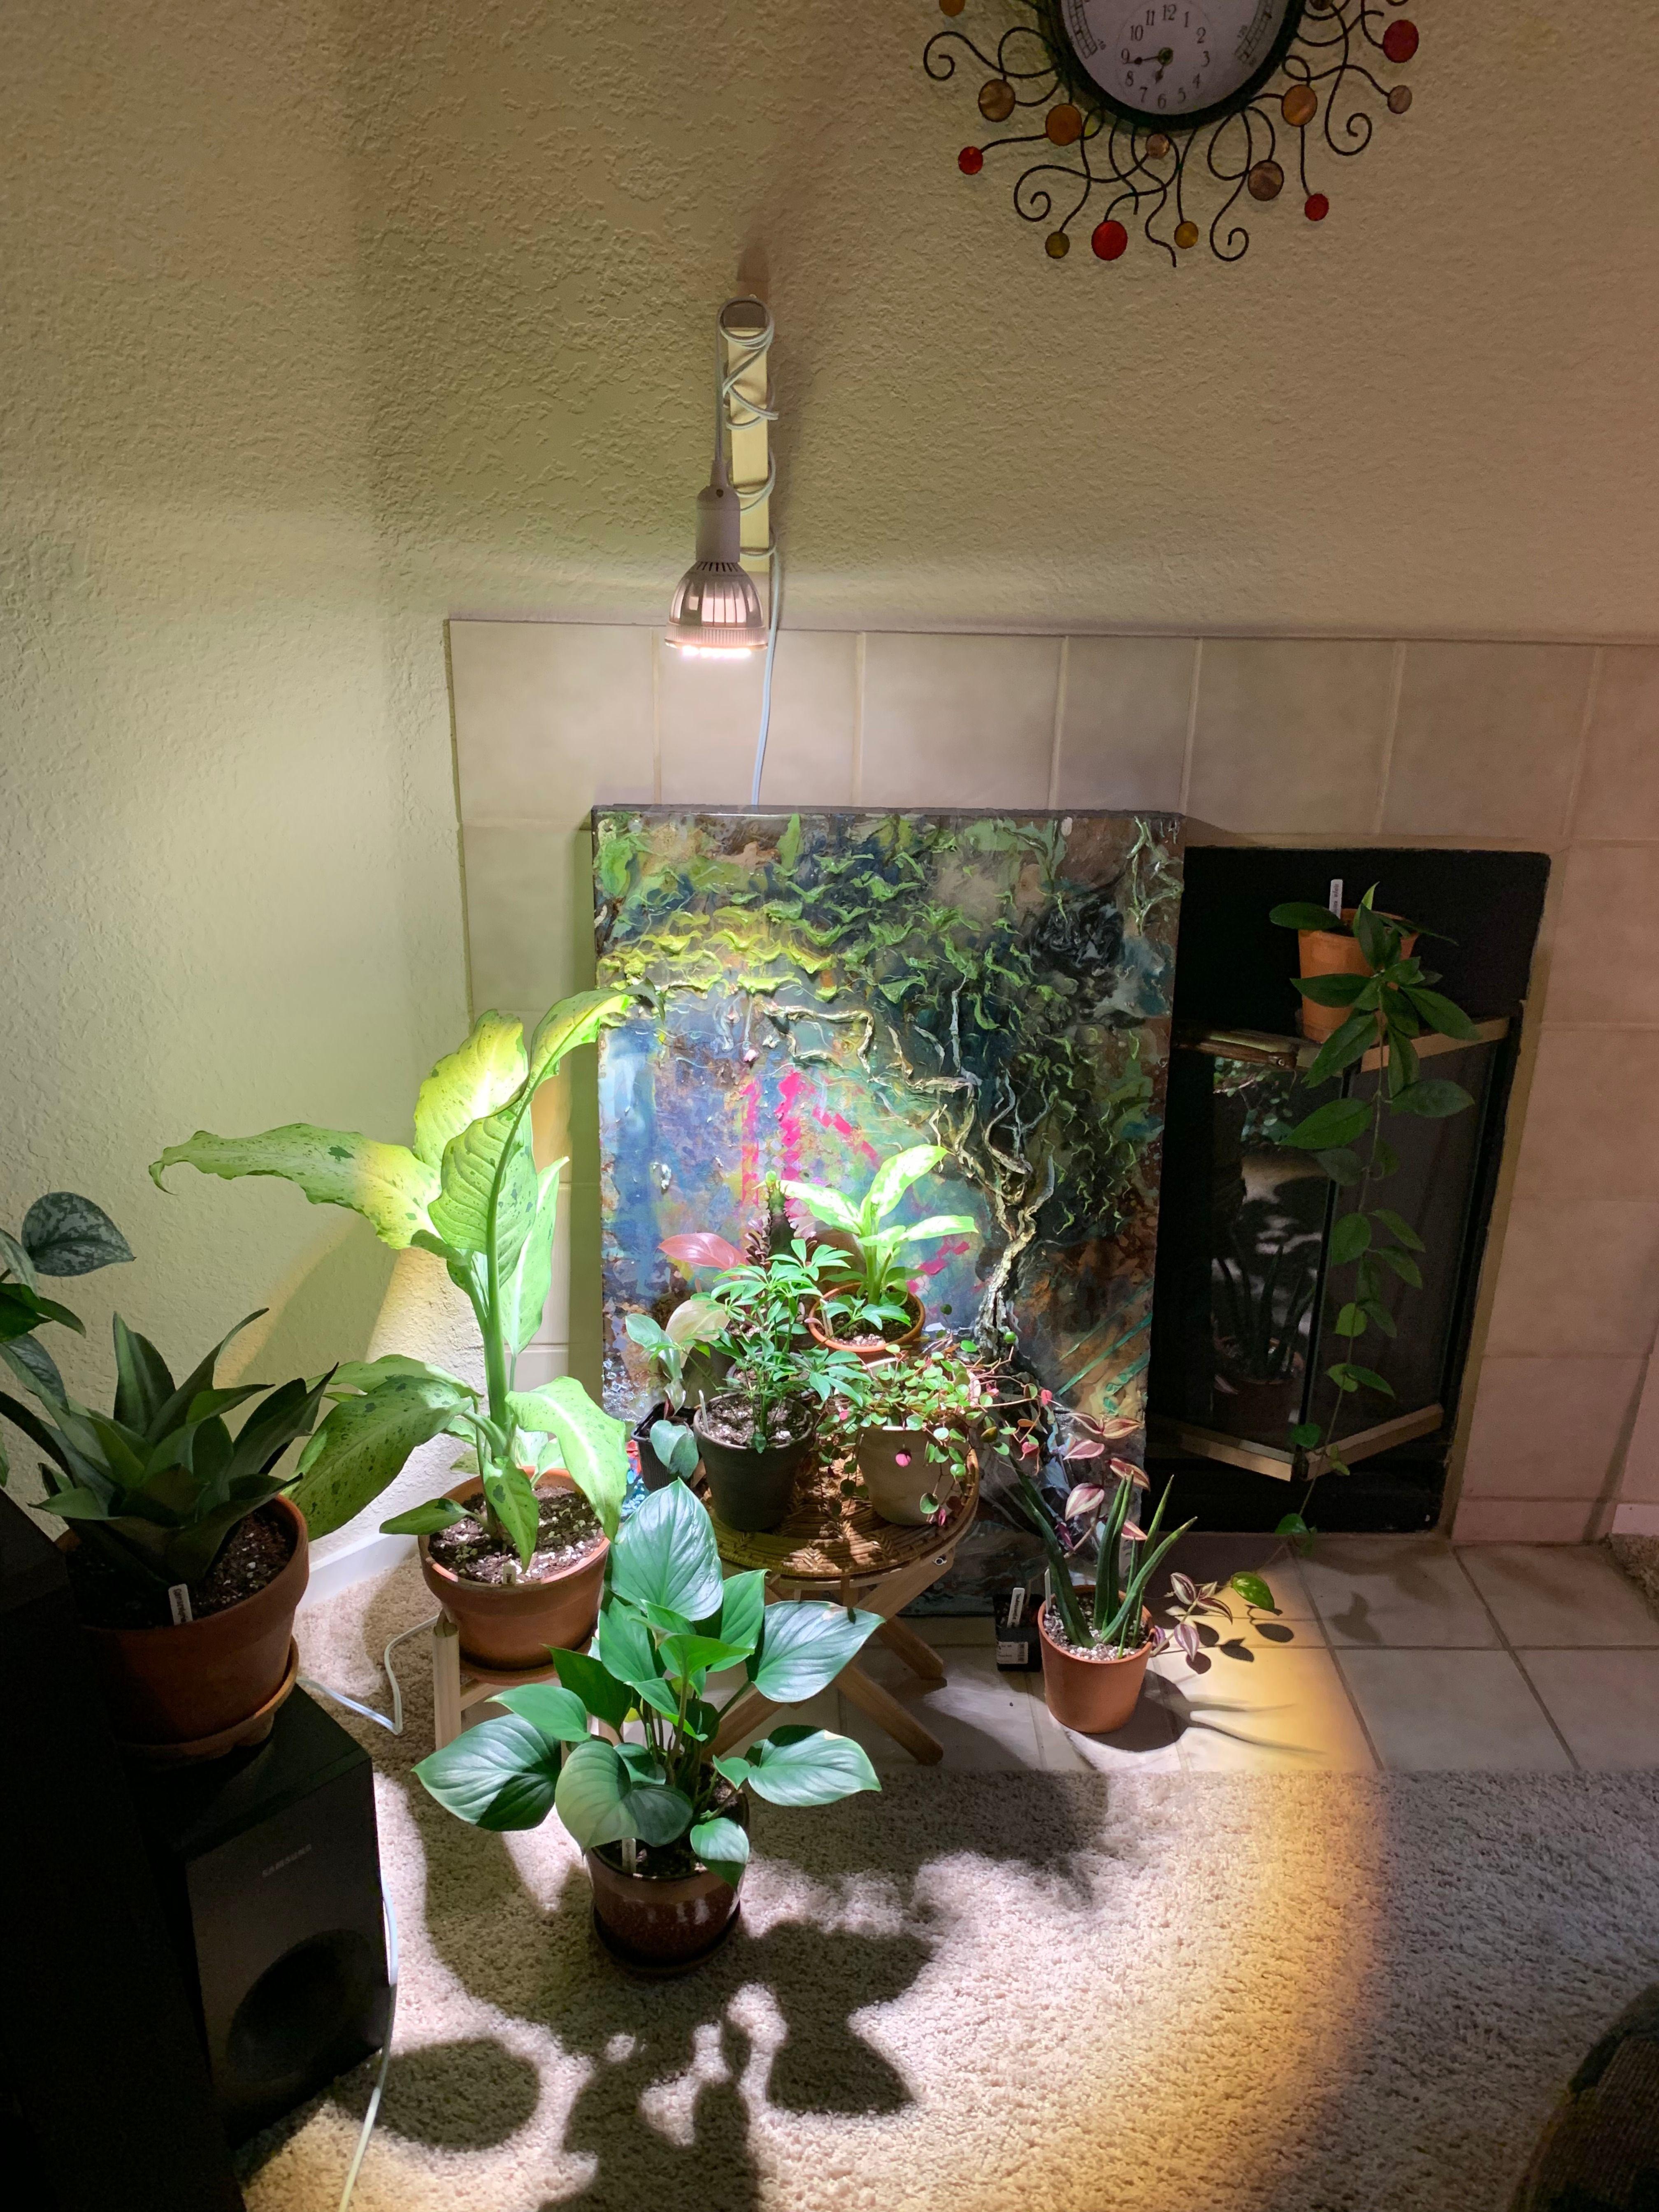 Indoor hydroponic garden under HID Metal Halide plant grow